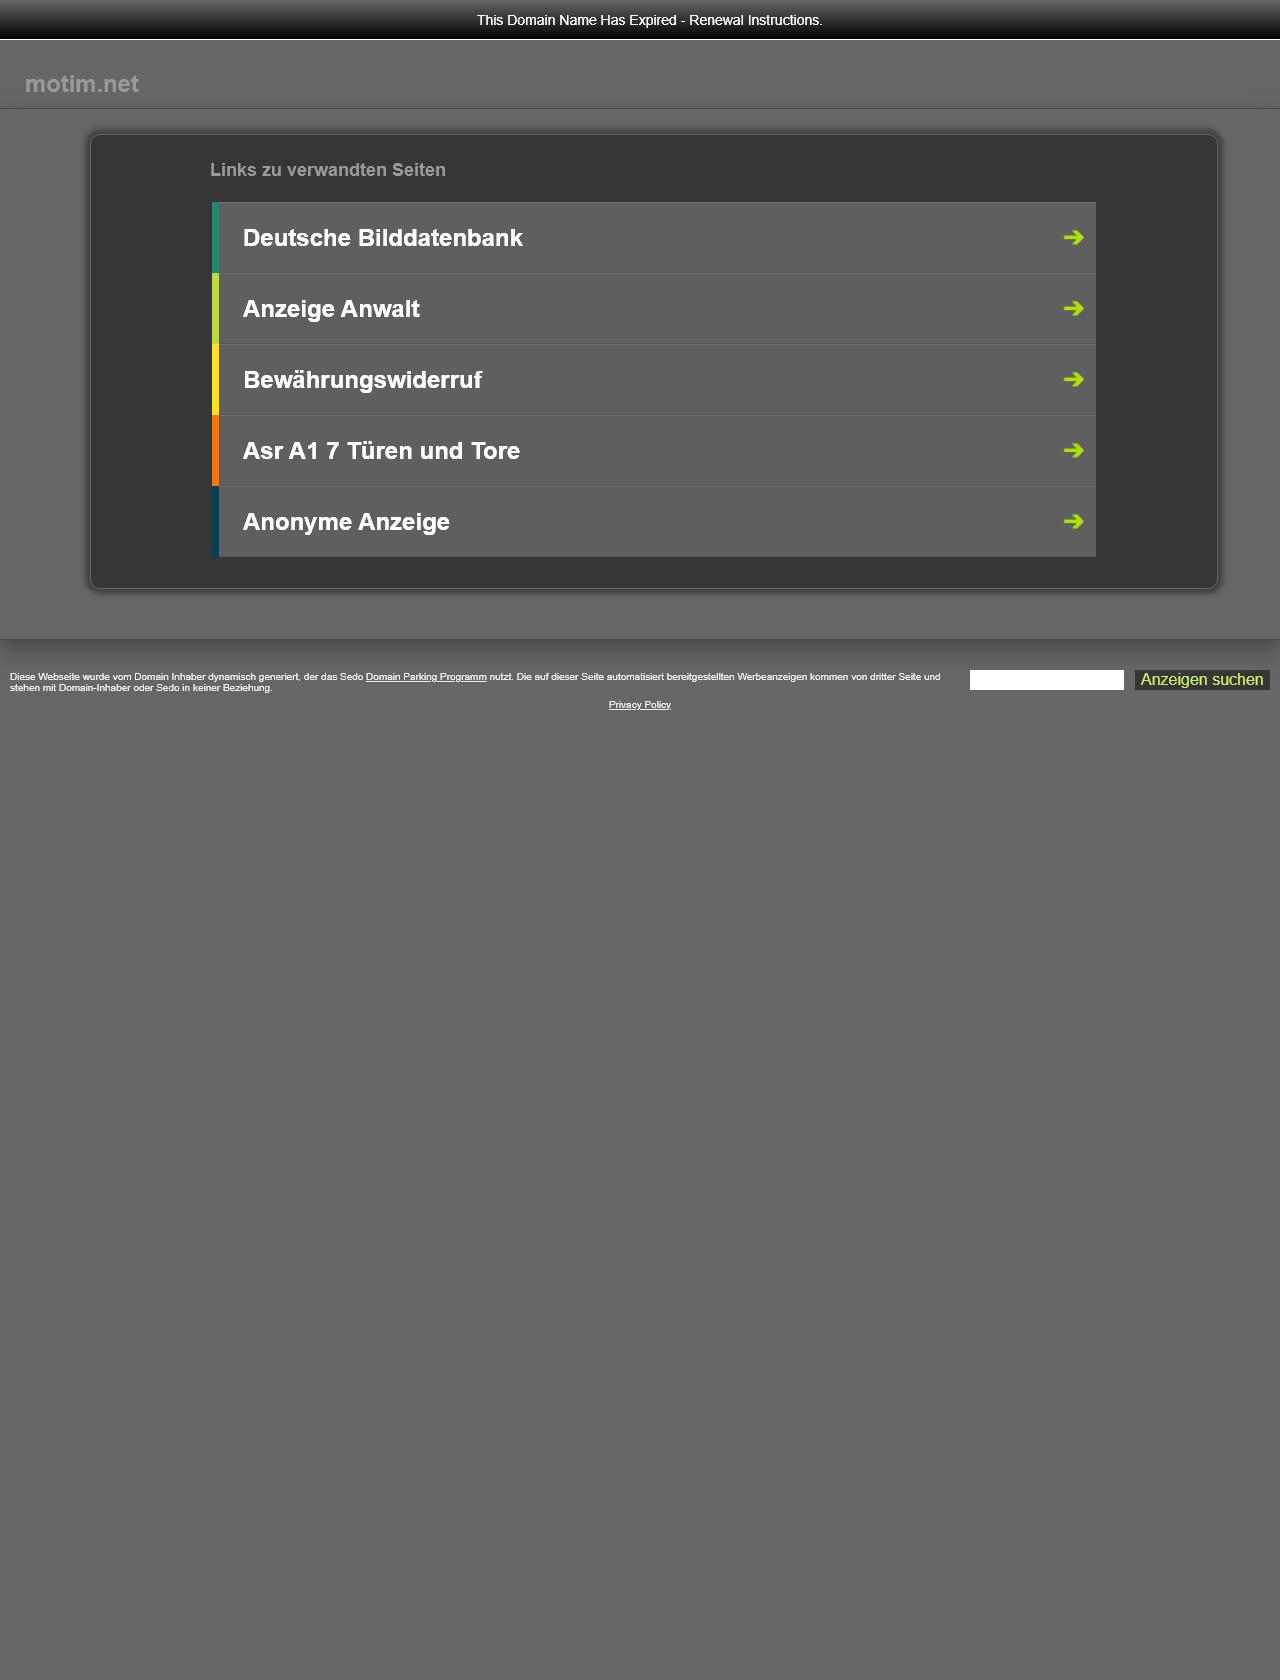 Screenshot Desktop - https://forum.motim.net/